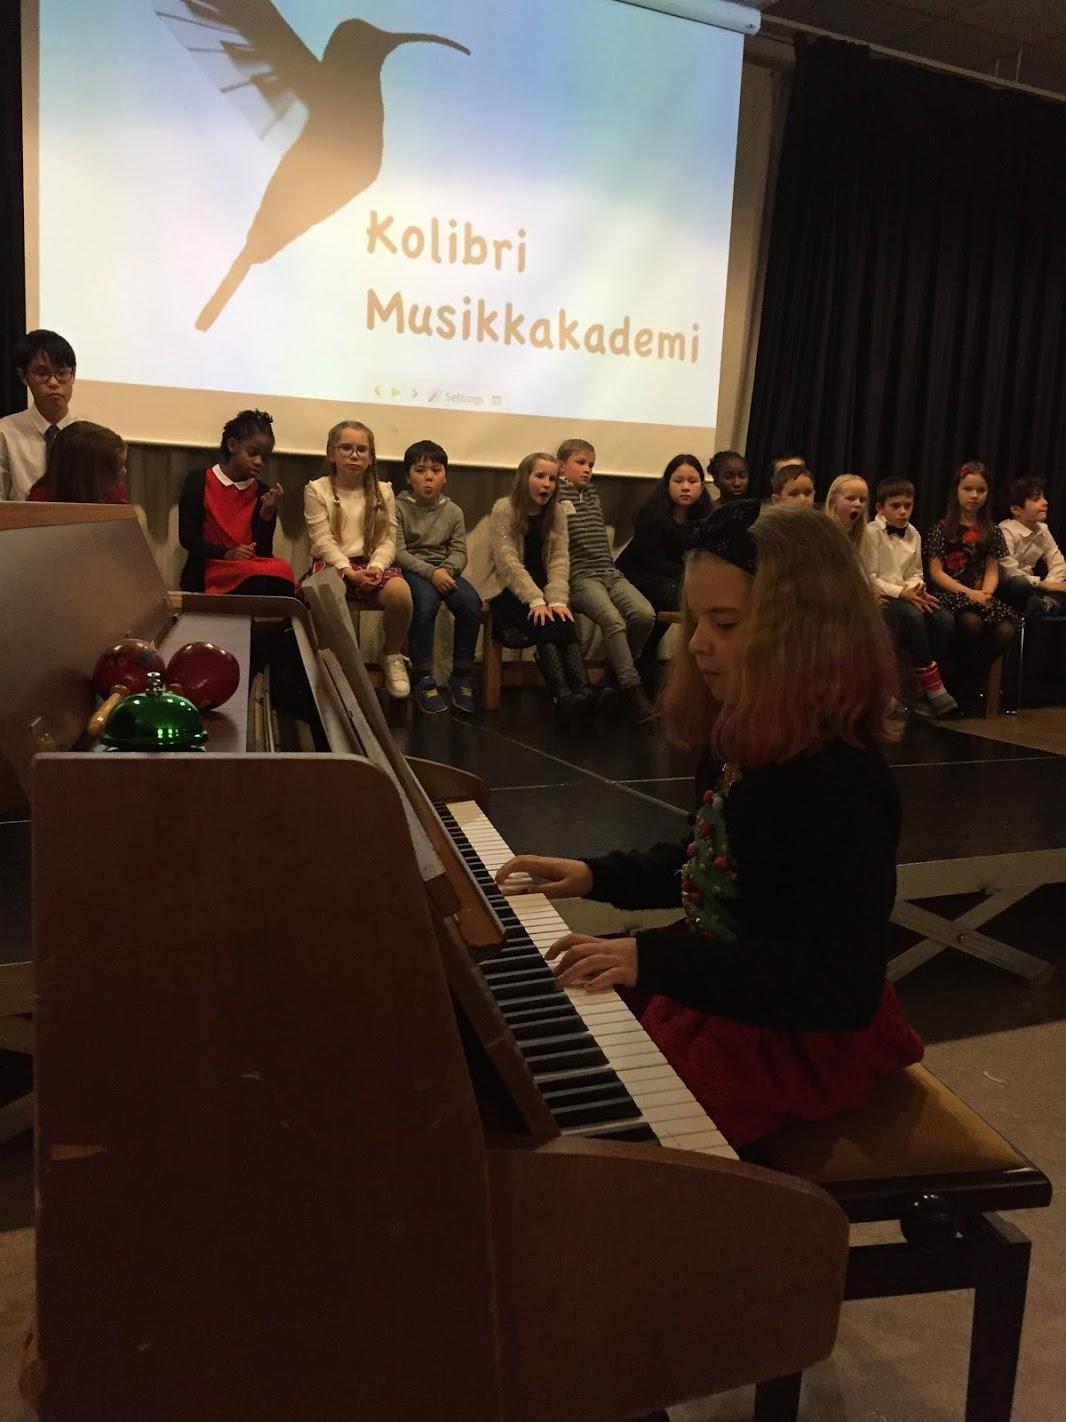 piano- elev 8 år spiller